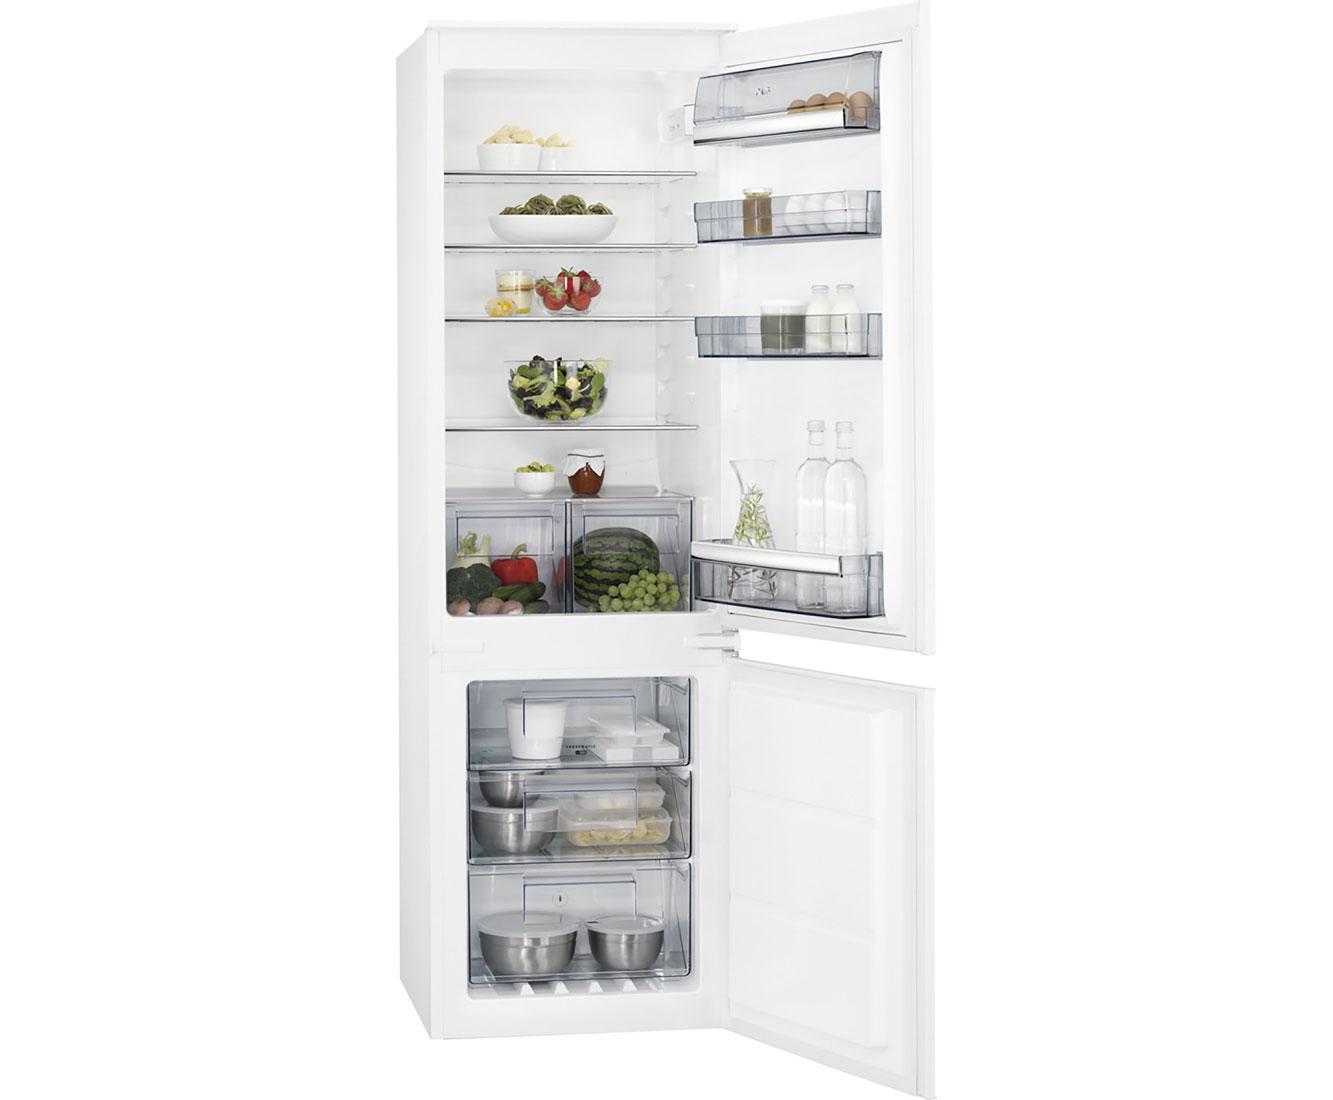 Aeg Kühlschrank Gefrierkombination : Aeg sce ns einbau kühl gefrierkombination mit no frost er